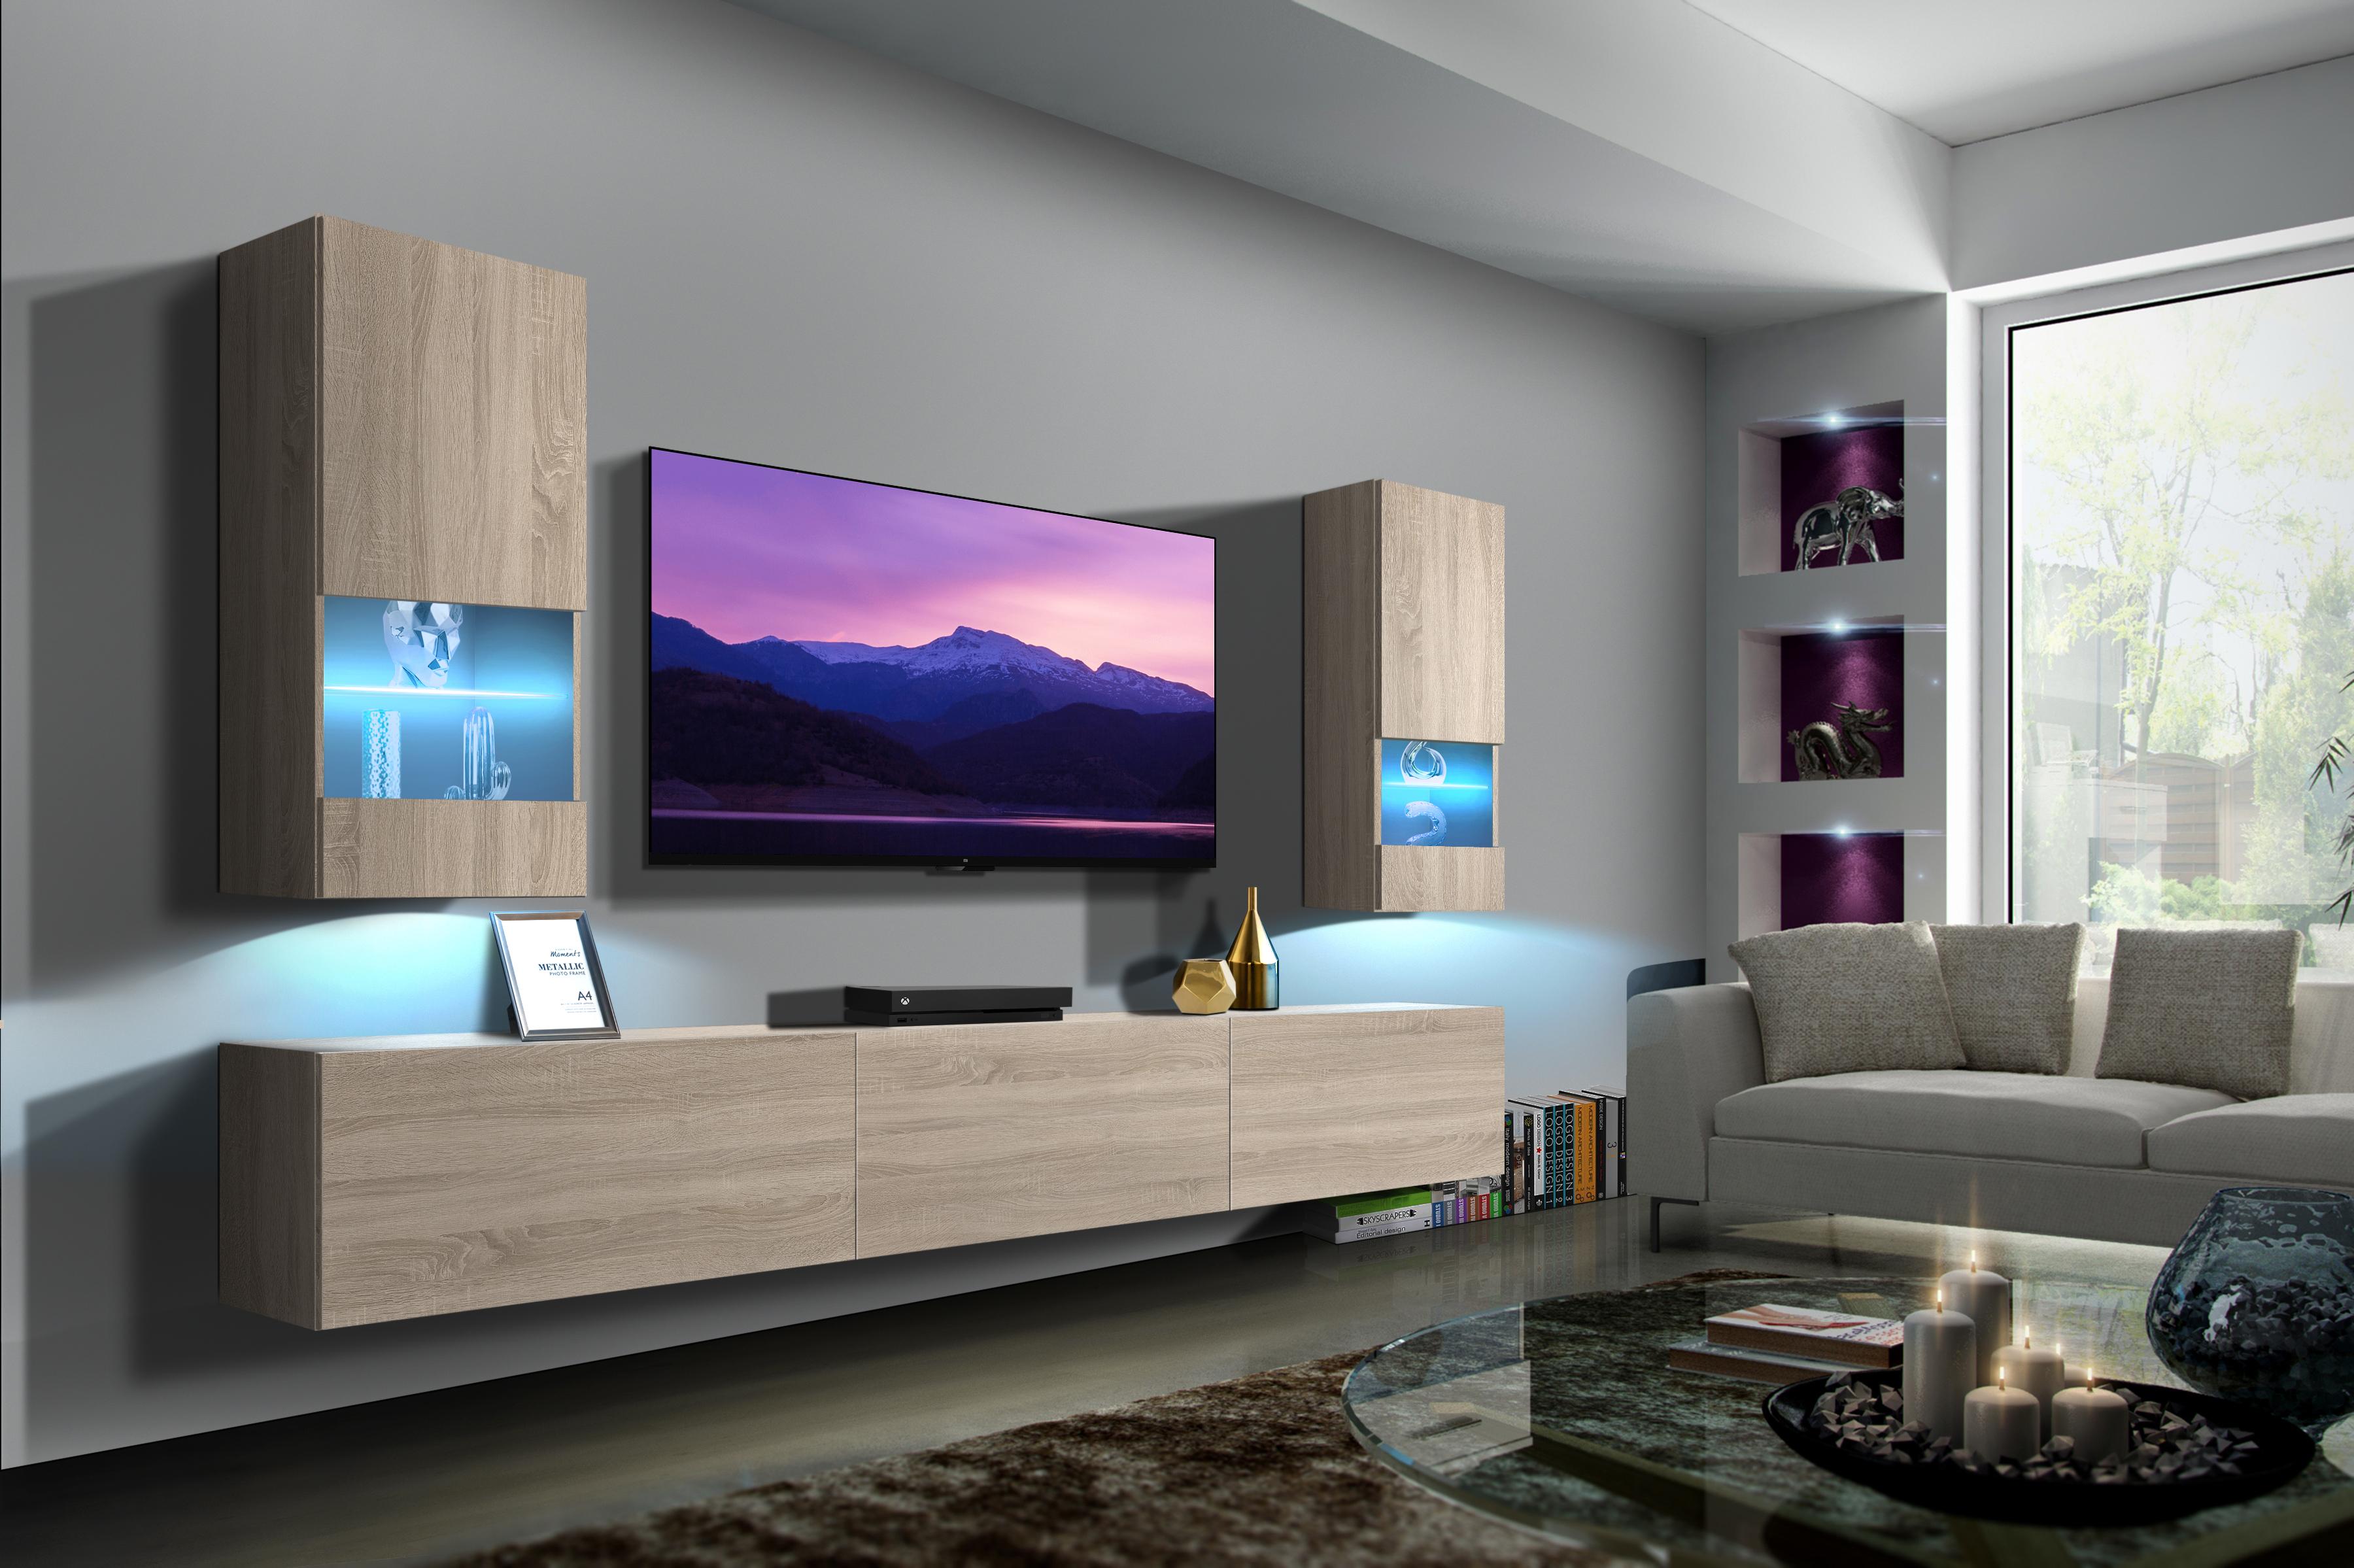 Sezana N21- Modernes Wohnzimmer, Wohnwand, Wohnschrank, Schrankwand, Möbel